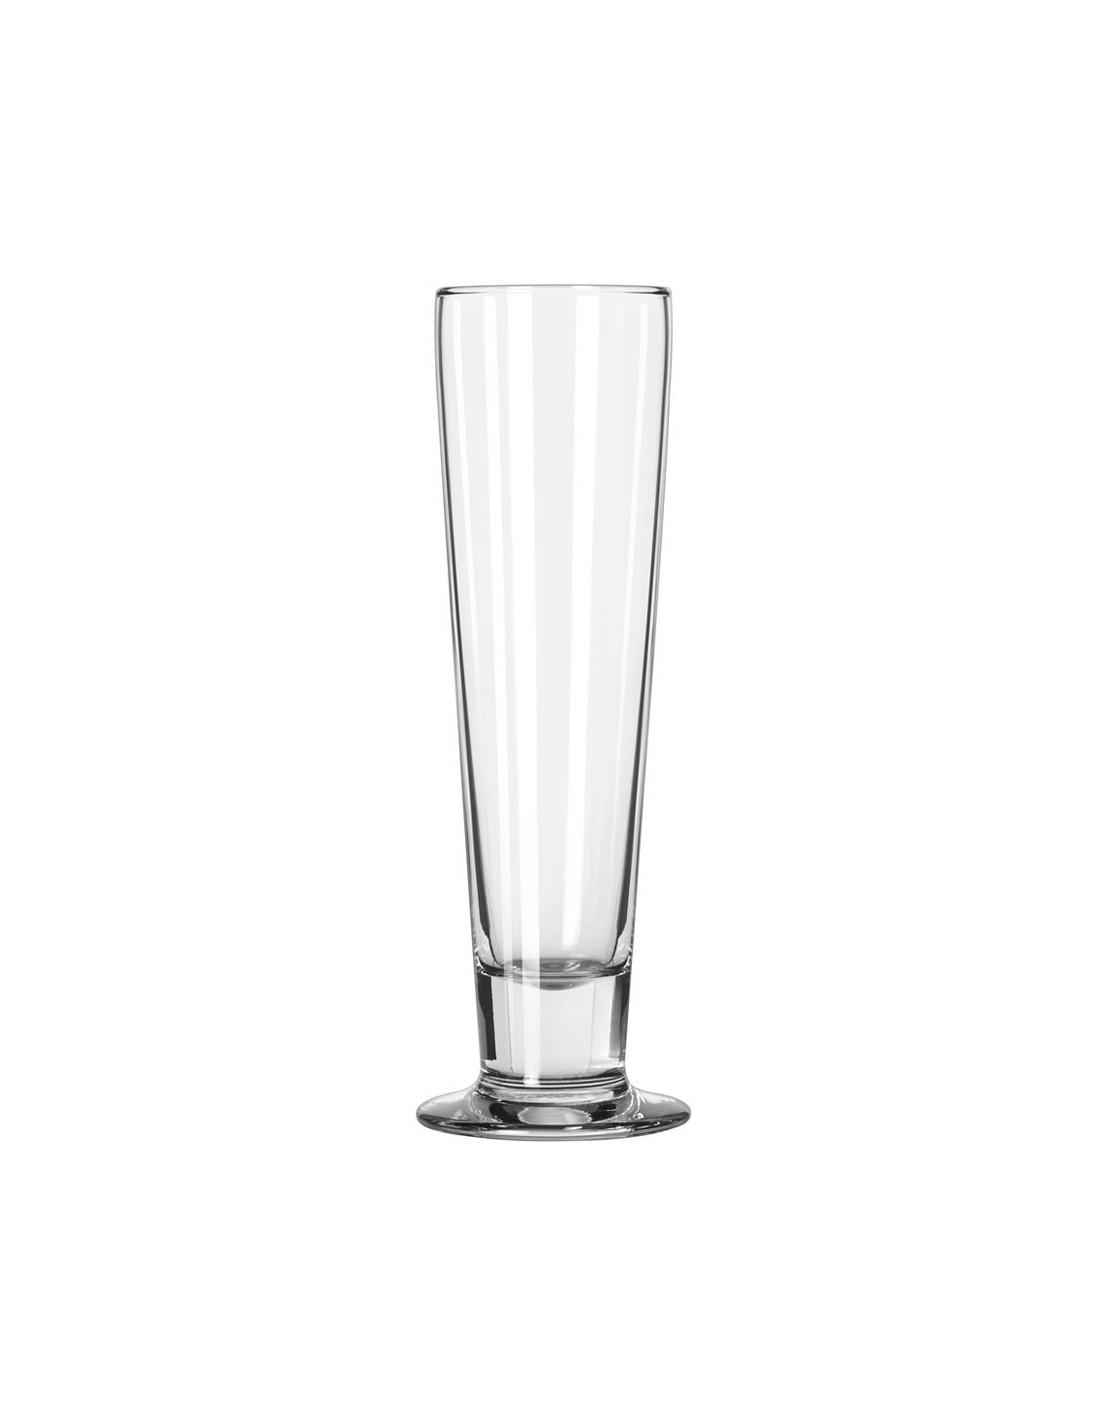 Libbey 3823 catalina 14 oz copa cerveza alta 421 ml for Copa cerveza